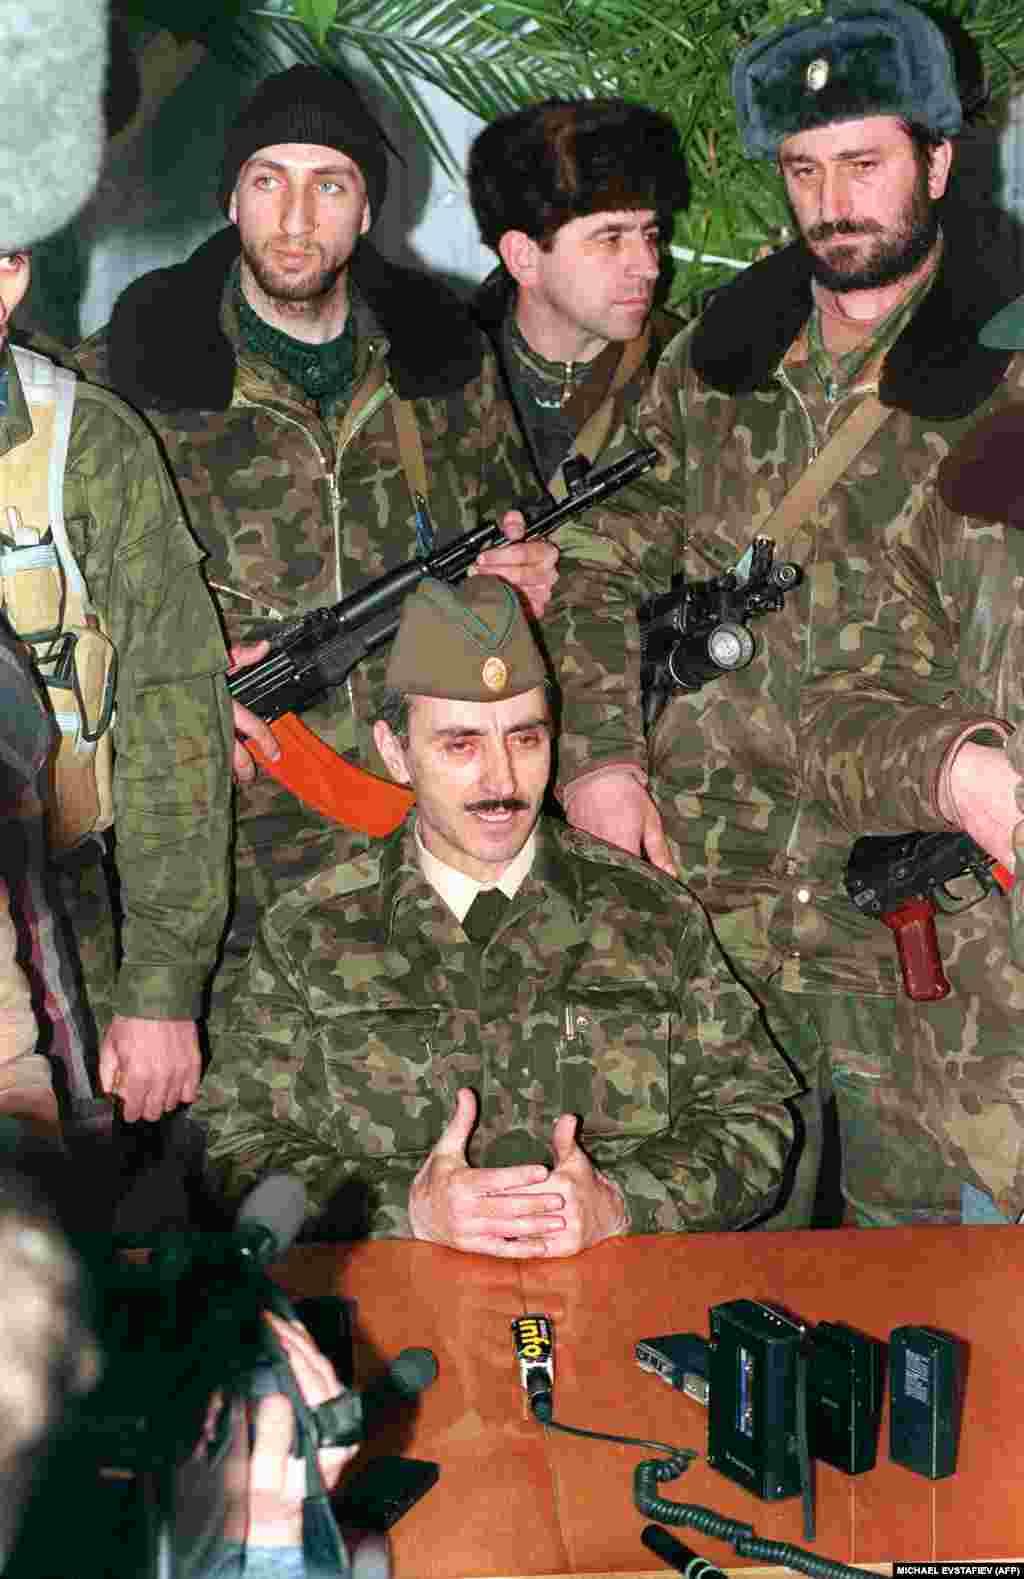 Президент самопровозглашенной республики Ичкерия Джохар Дудаев проводит спешно организованную пресс-конференцию в одном из сел республики. Он потребовал прекратить убийства мирных граждан и начать немедленные переговоры между Москвой и Грозным.11 января 1995 года.